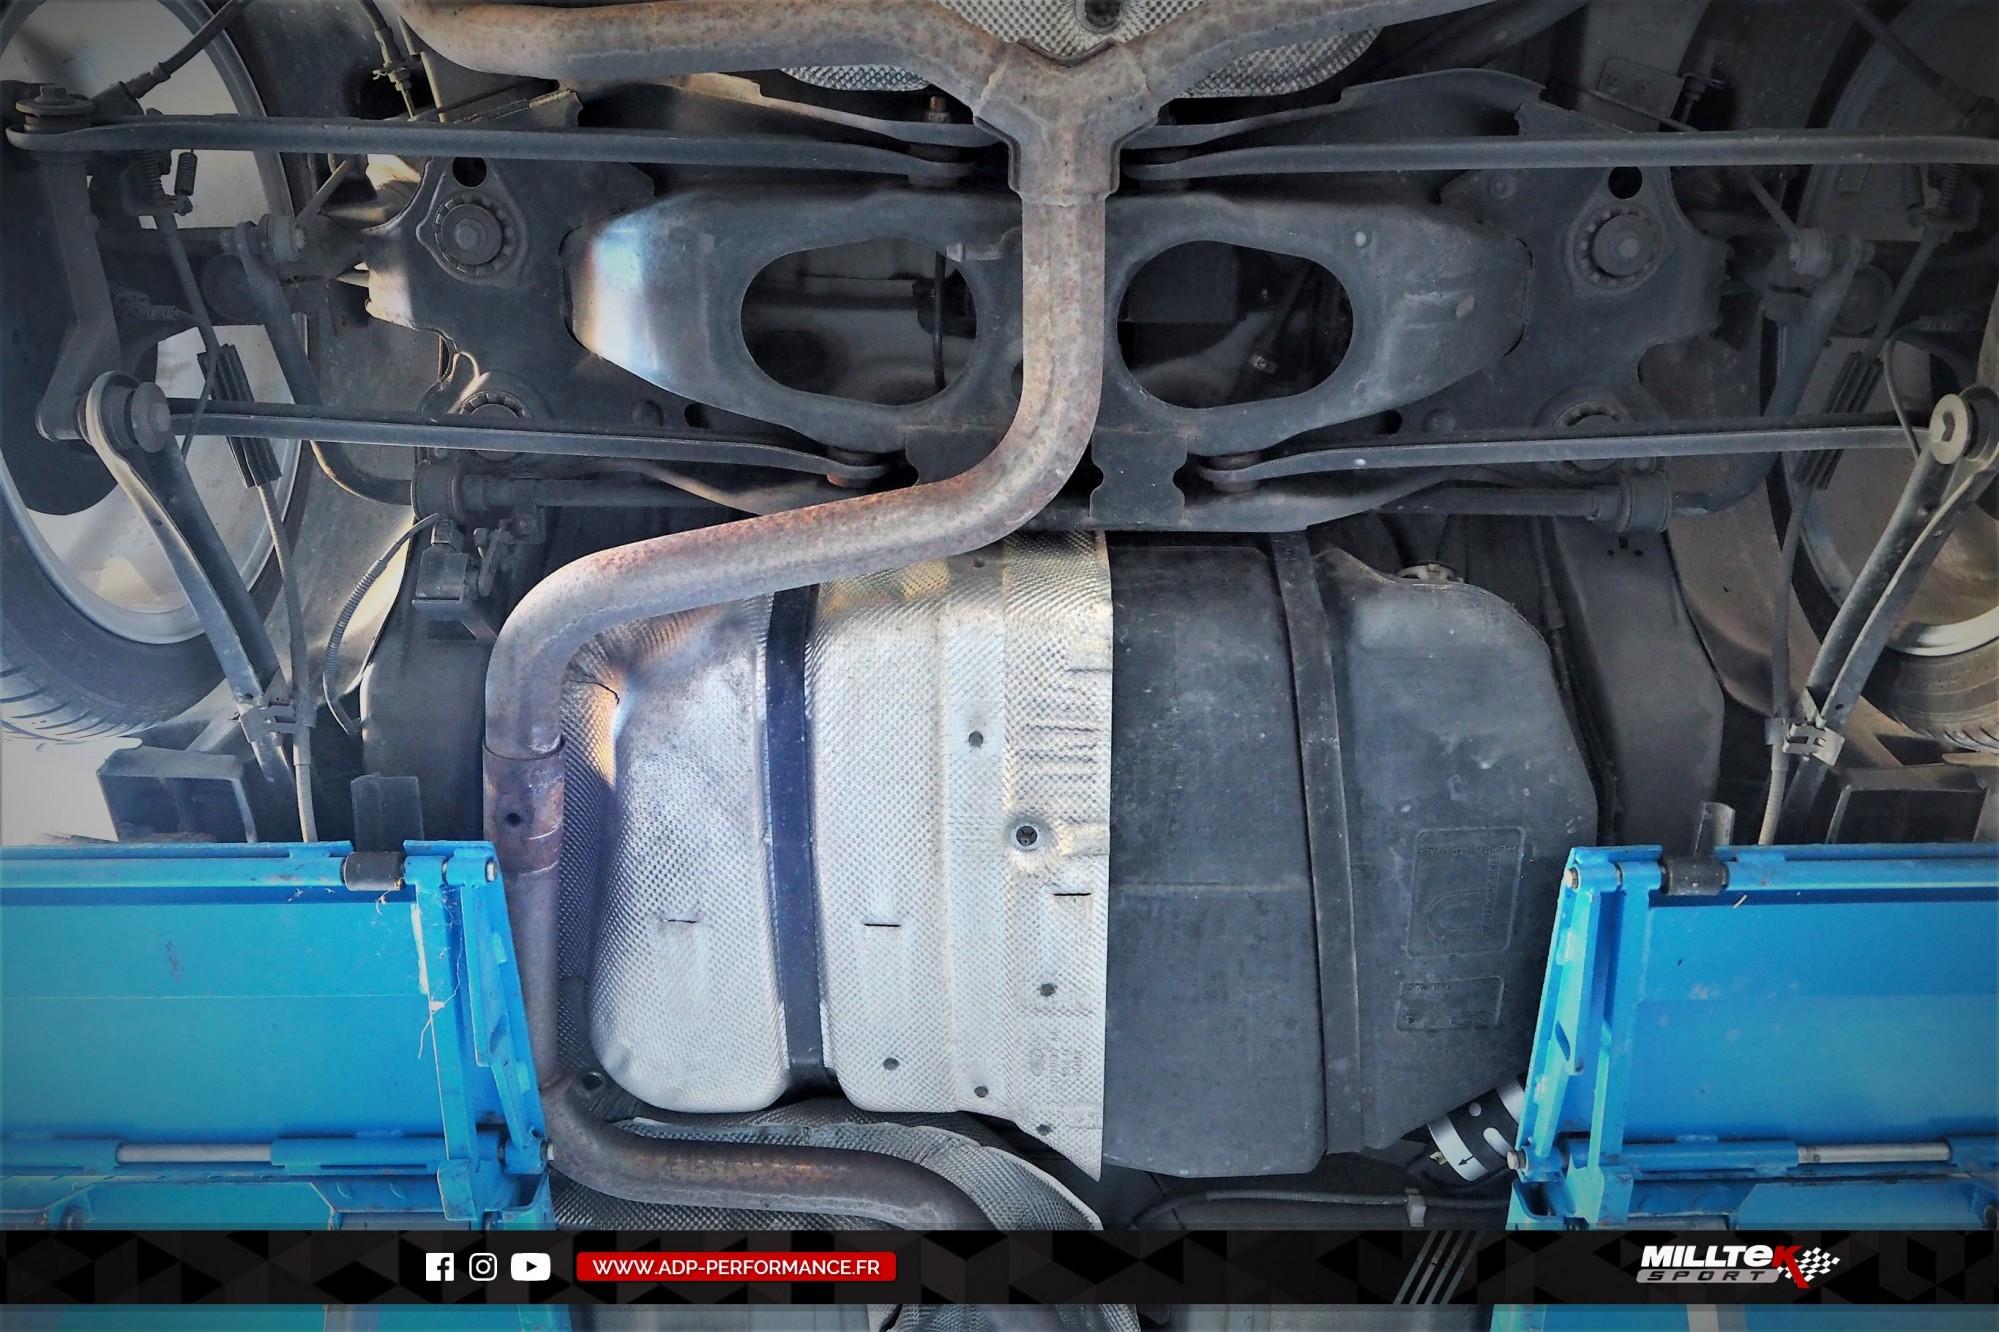 Ligne d'échappement (cat-back) Milltek Marseille - Ford Mondeo ST220 - ADP Performance